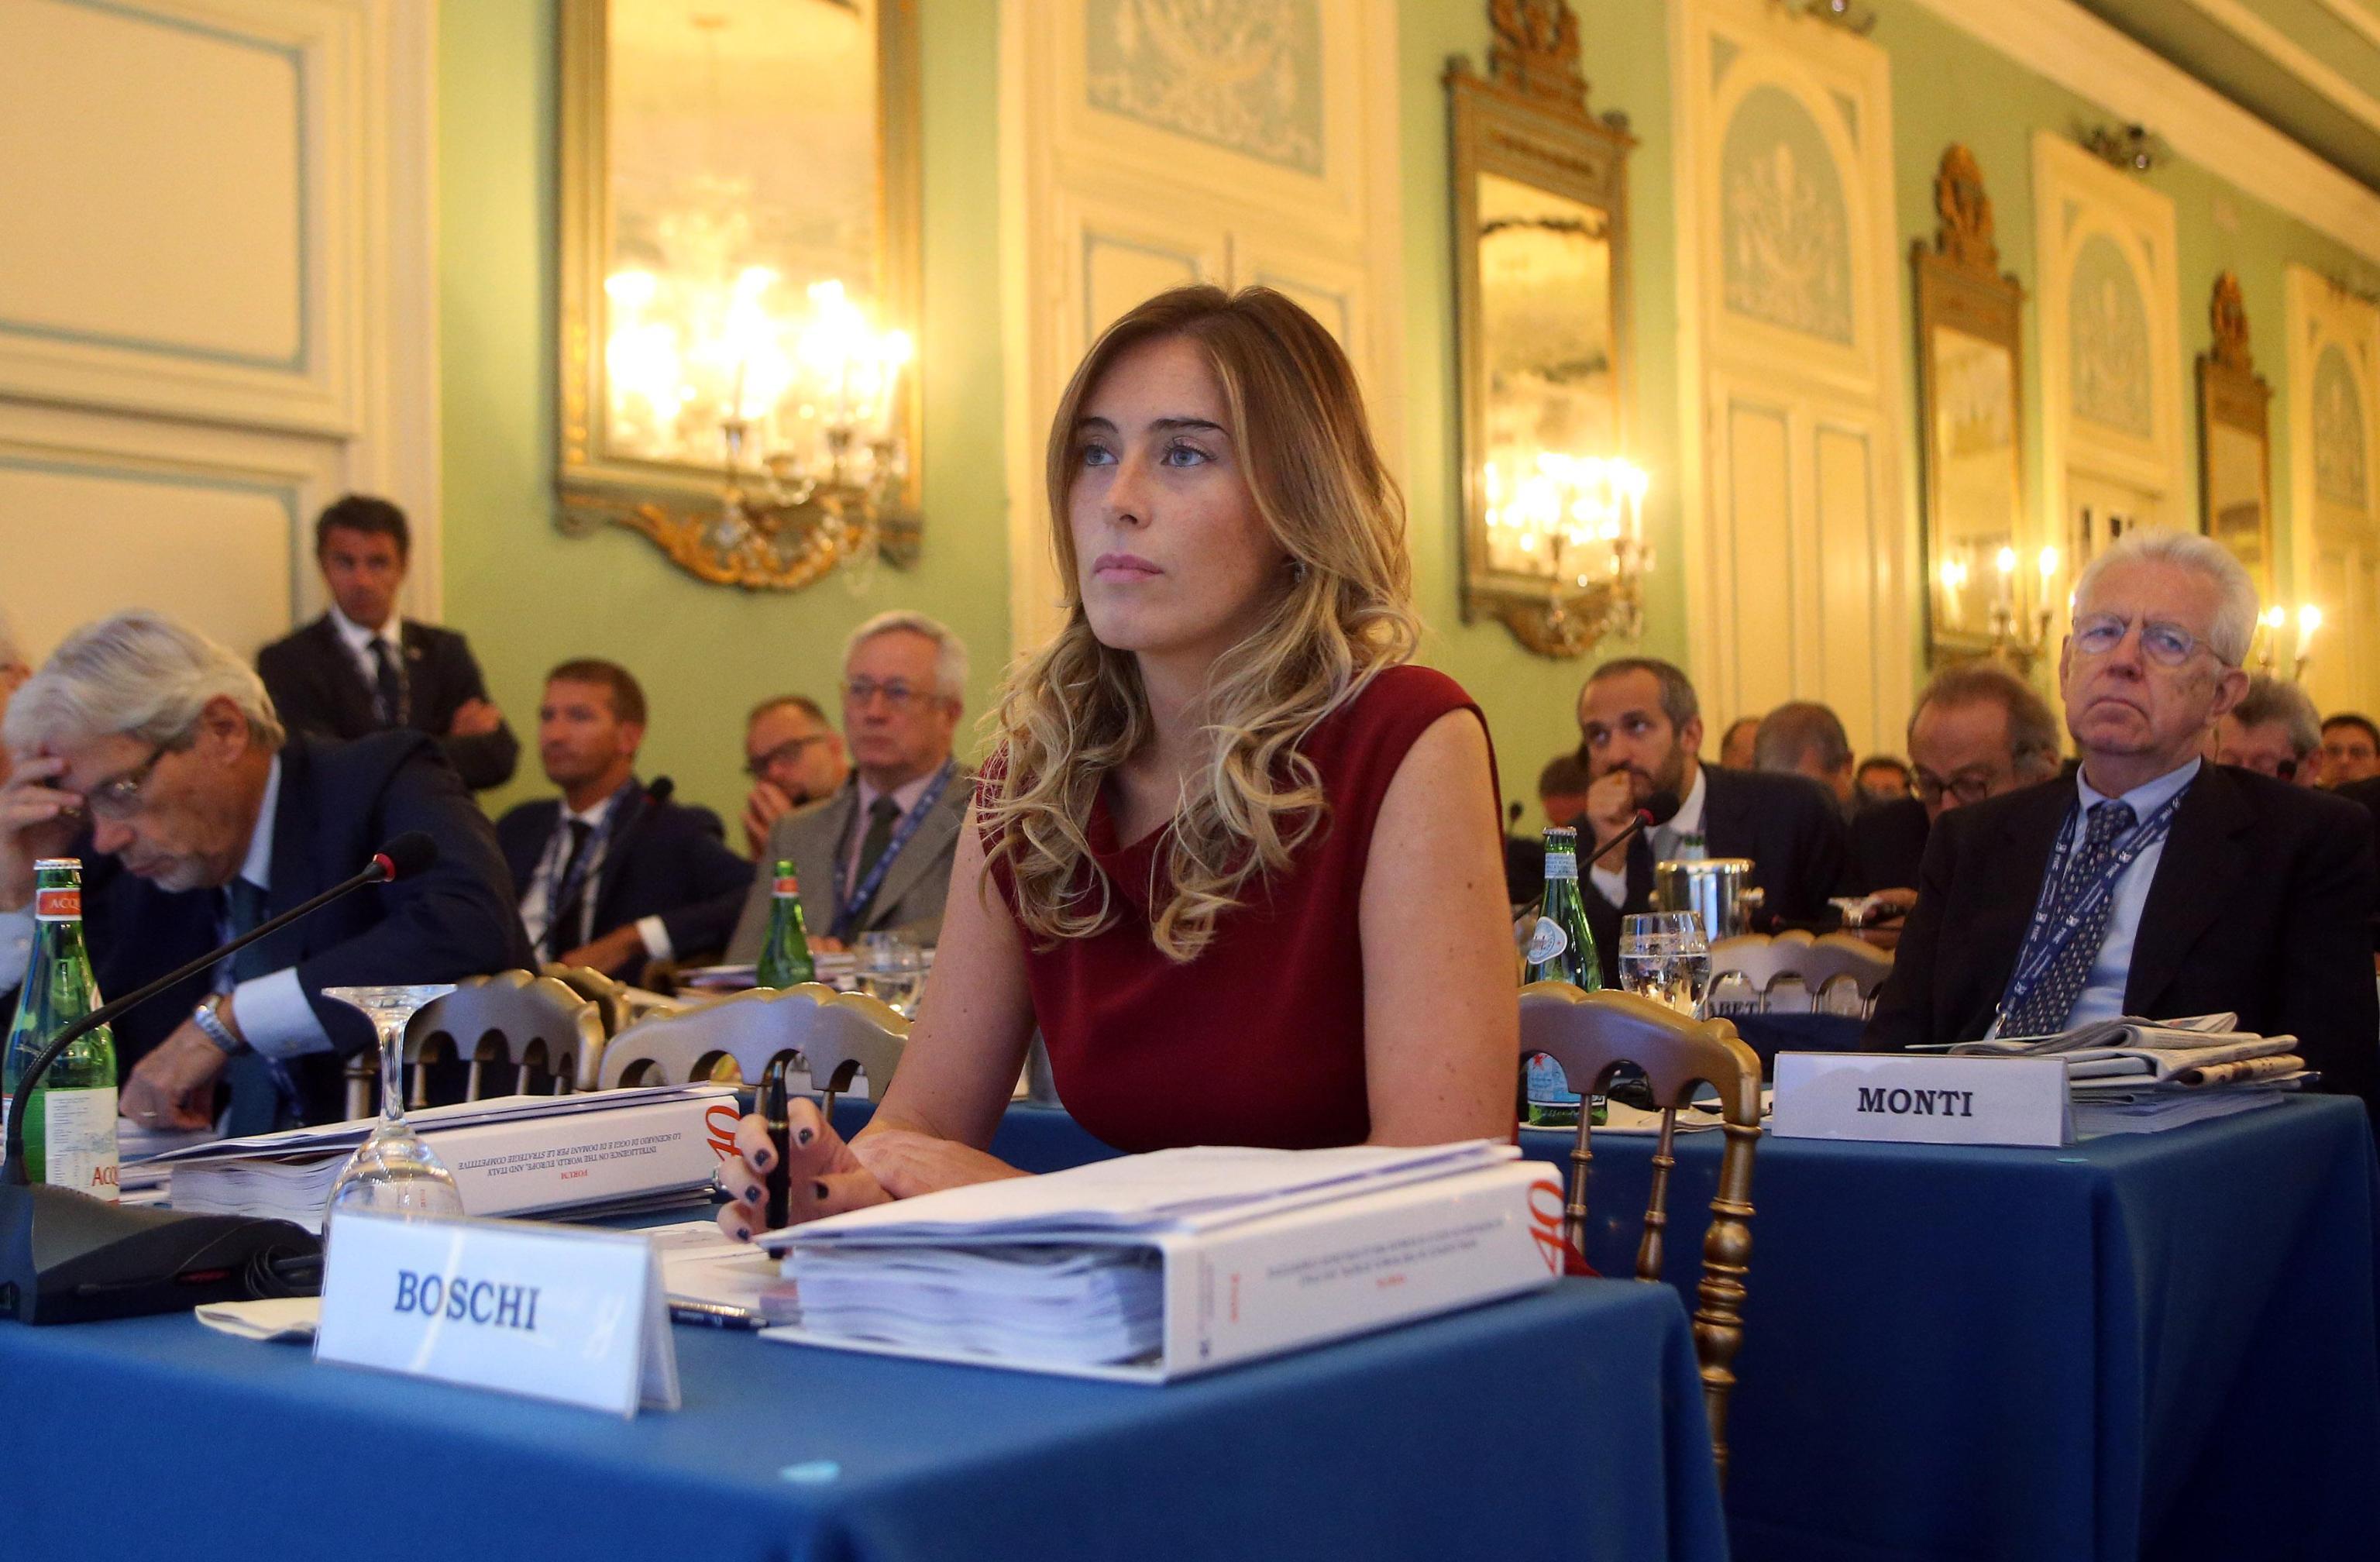 """Parla L Ex Del Ministro Boschi """"La Mia Storia Con Maria Elena"""""""